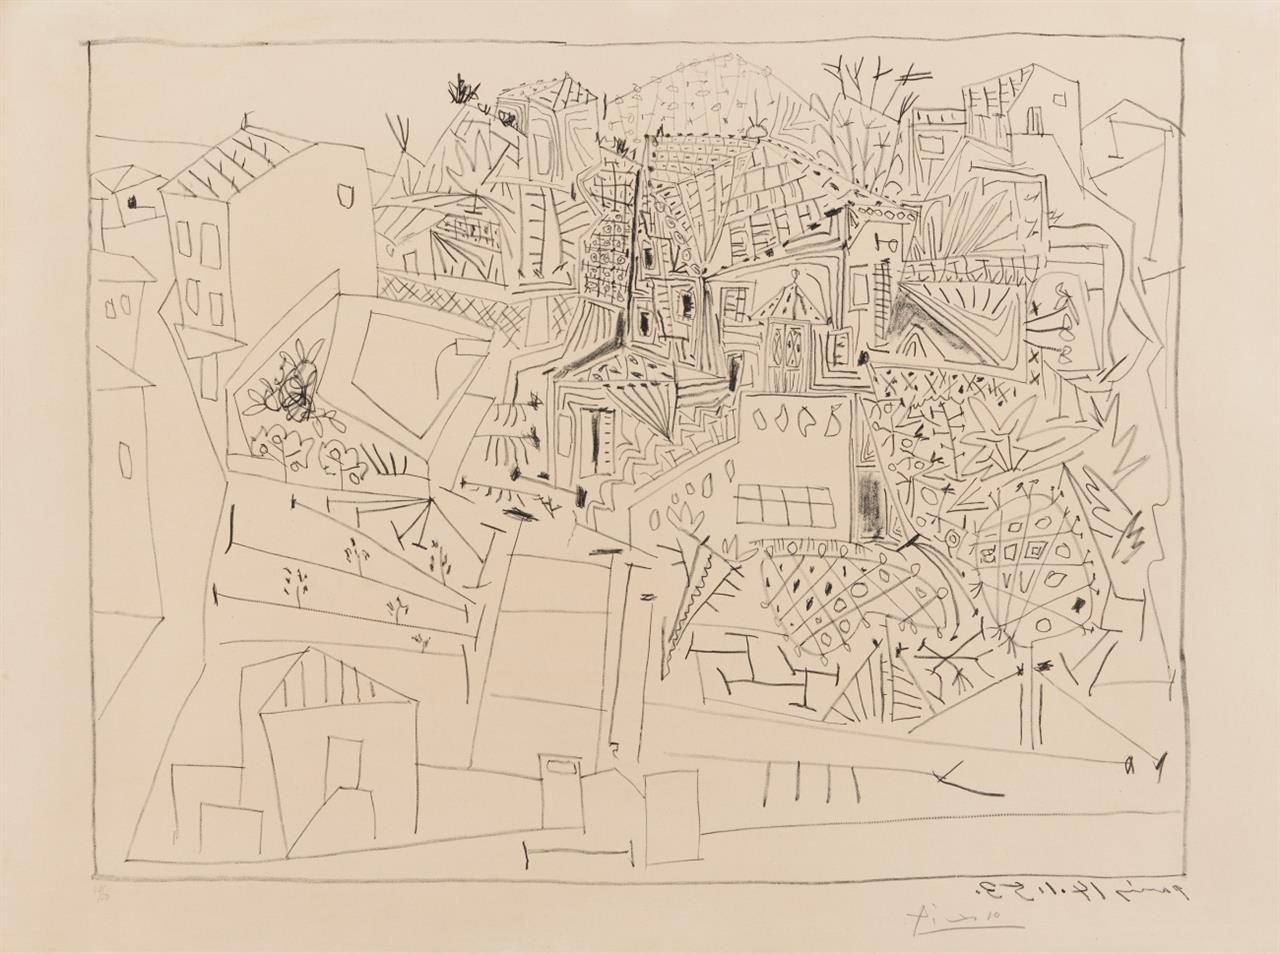 Pablo Picasso. Paysage à Vallauris Paris 14.1.53. 1953. Lithographie. Signiert. Ex. 42/50. Bloch 734.